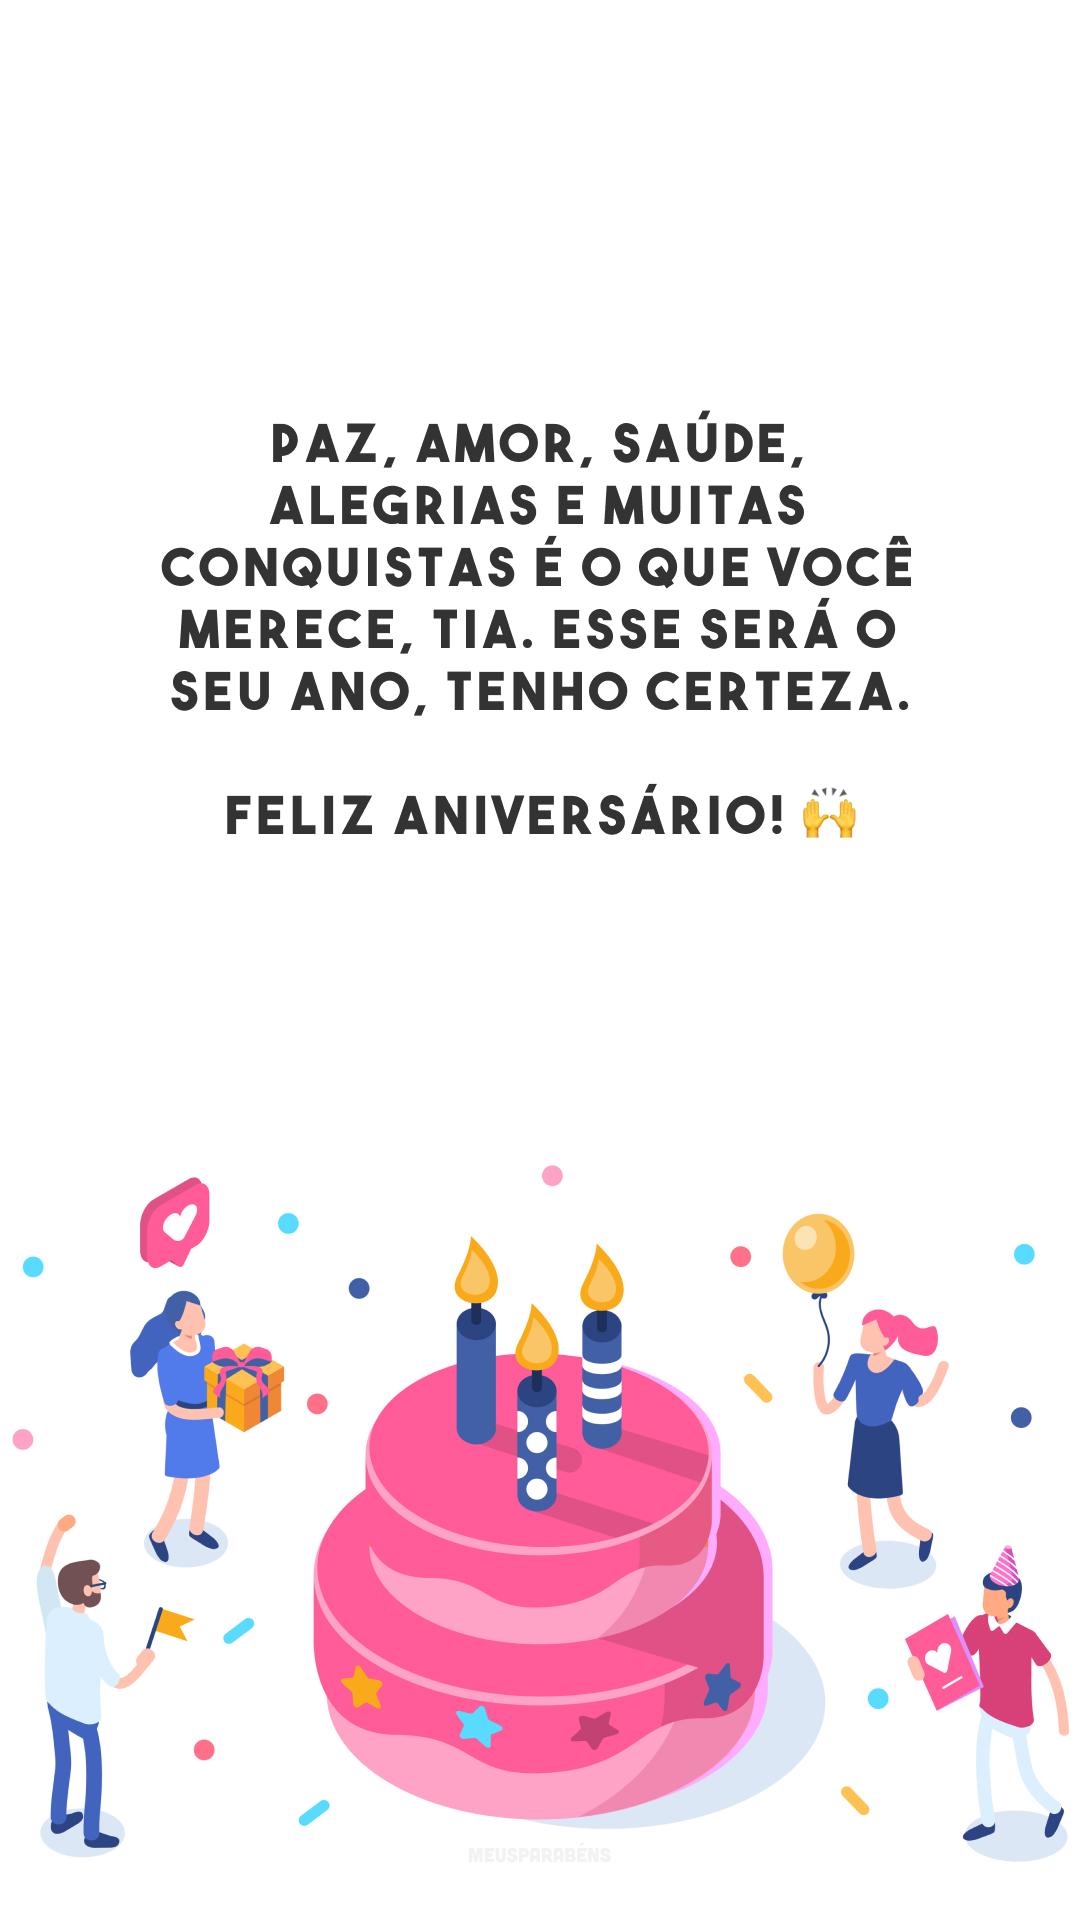 Paz, amor, saúde, alegrias e muitas conquistas é o que você merece, tia. Esse será o seu ano, tenho certeza. Feliz aniversário! 🙌